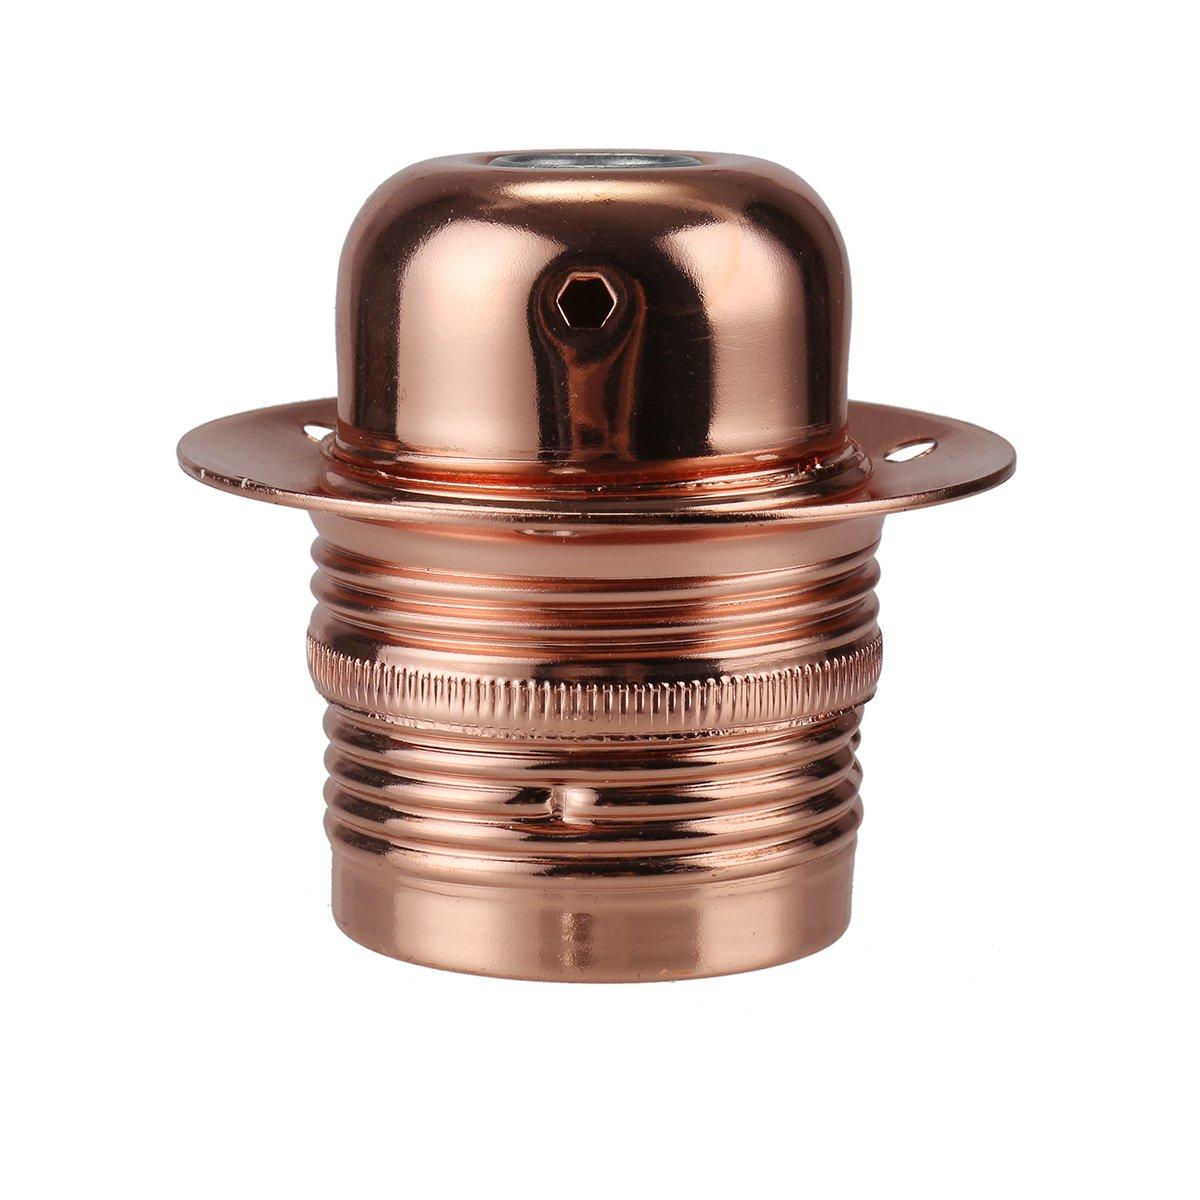 GreenSun LED Lighting Edison Douille Vintage E27 Adaptateur De Lampe Ré tro Vintage Lustre Sans Fil, Suspendue Porte-Lampe 110-240V, Laiton antique